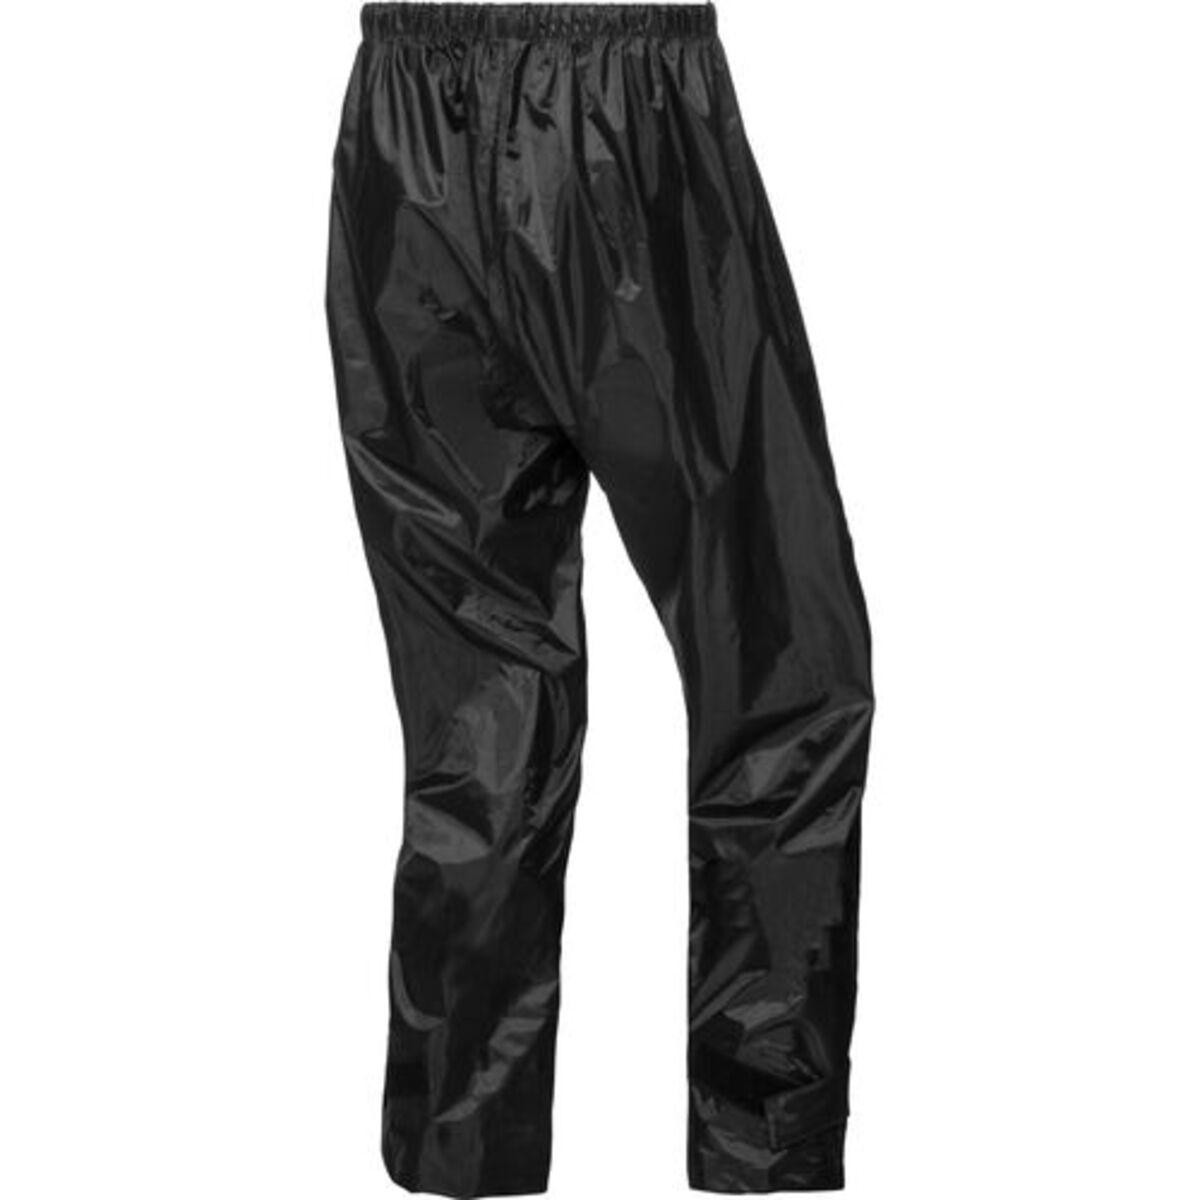 Bild 3 von DXR            Textil Regenhose 1.0 schwarz